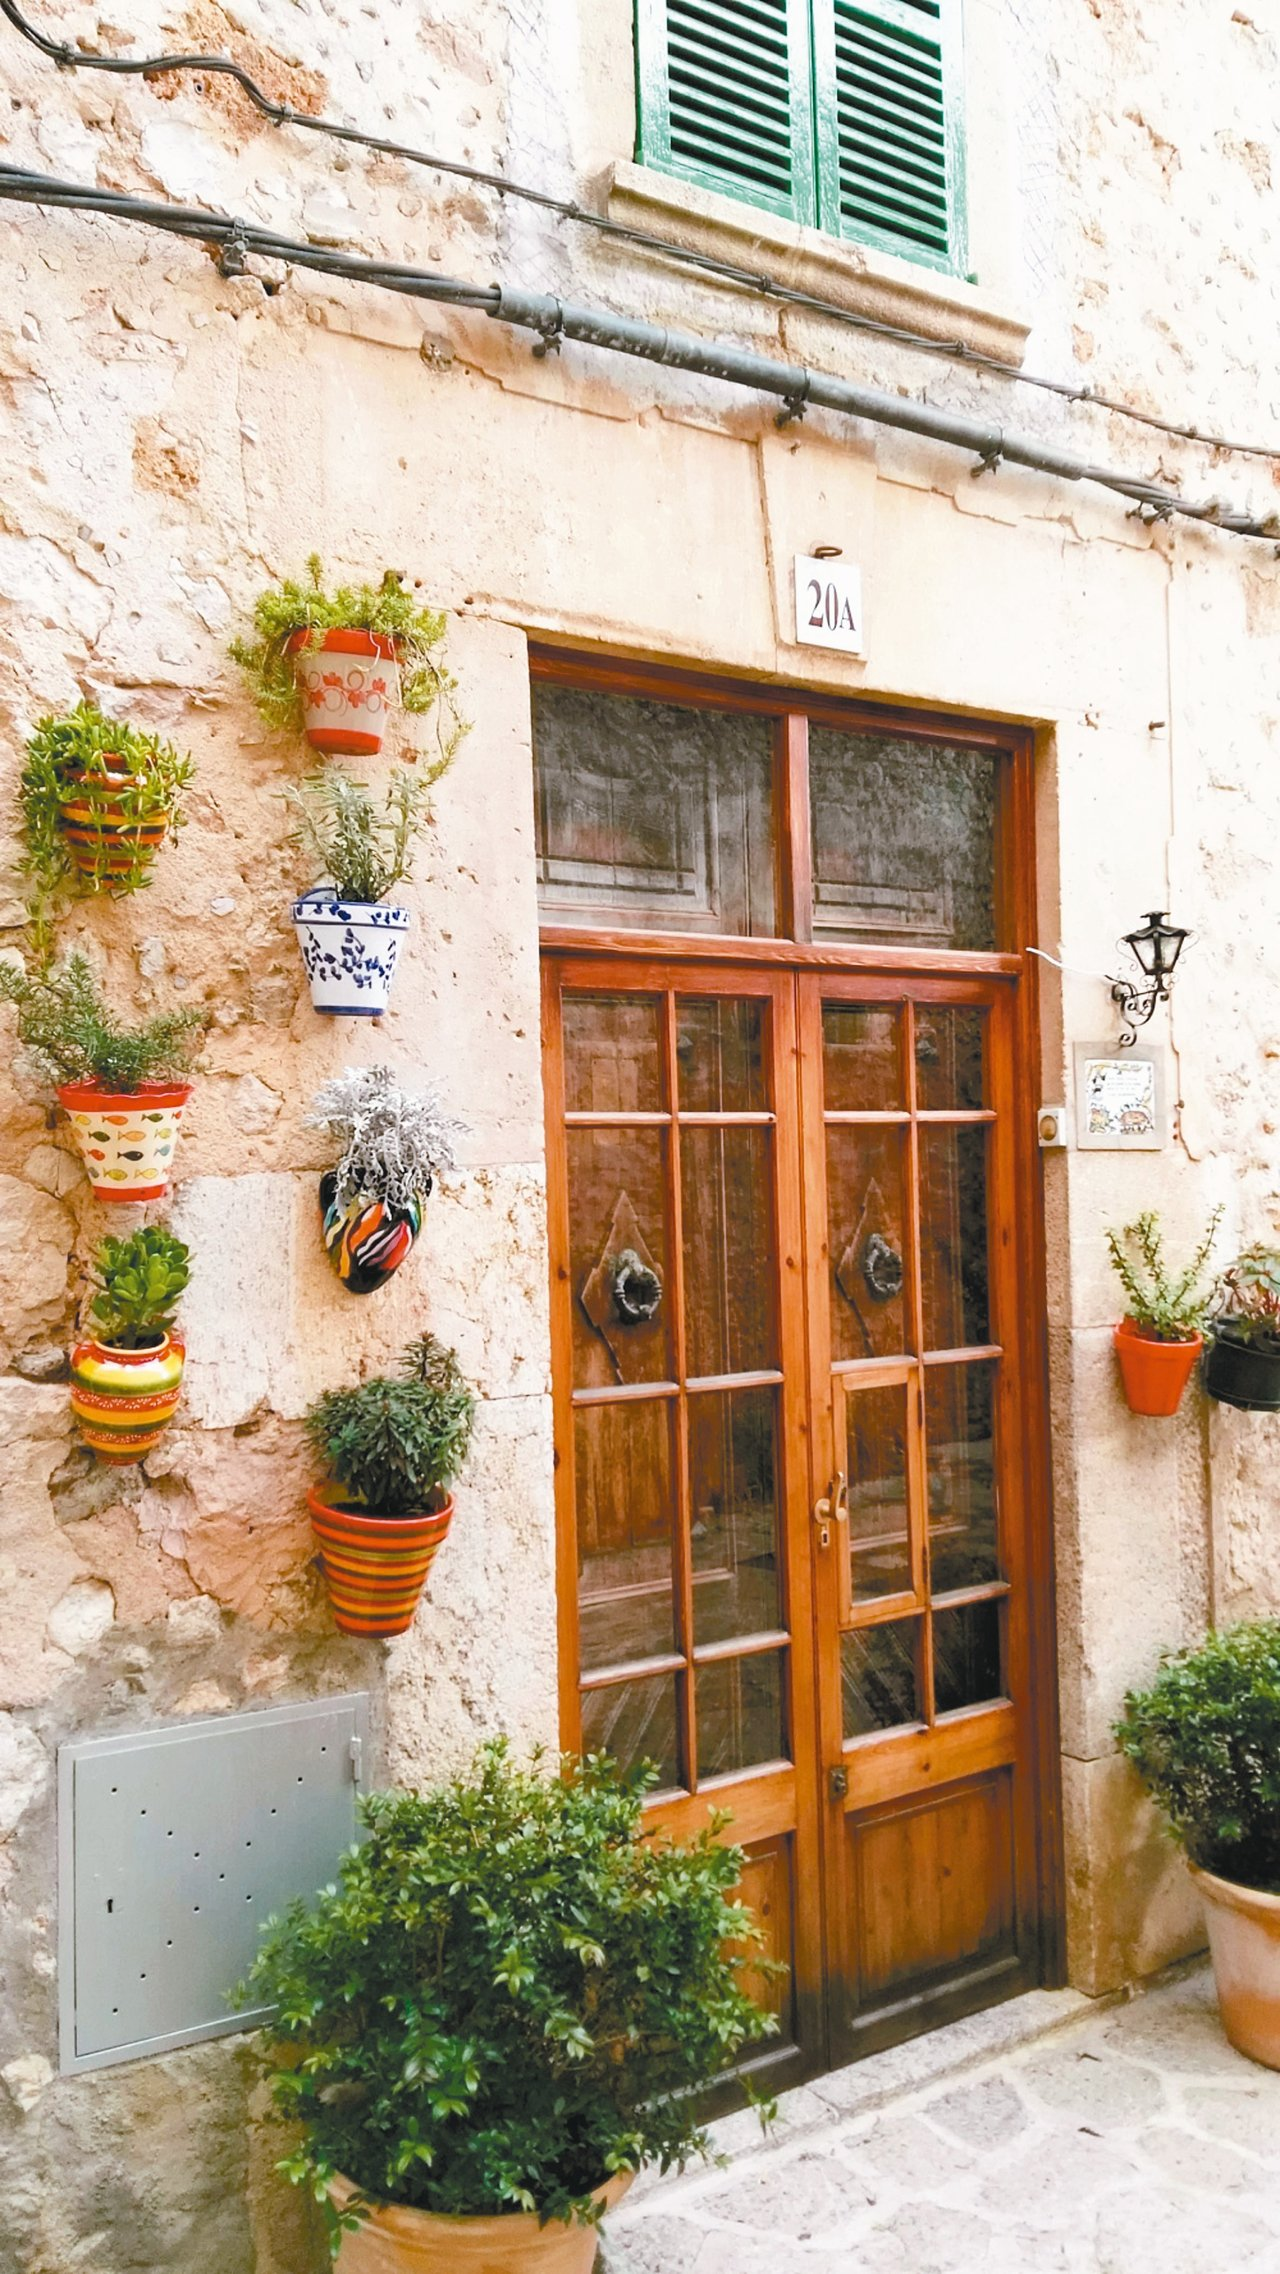 南歐人是天生的色彩家,幾盆小花小葉順手一擺即成了獨一無二的風景。 攝影/周育如